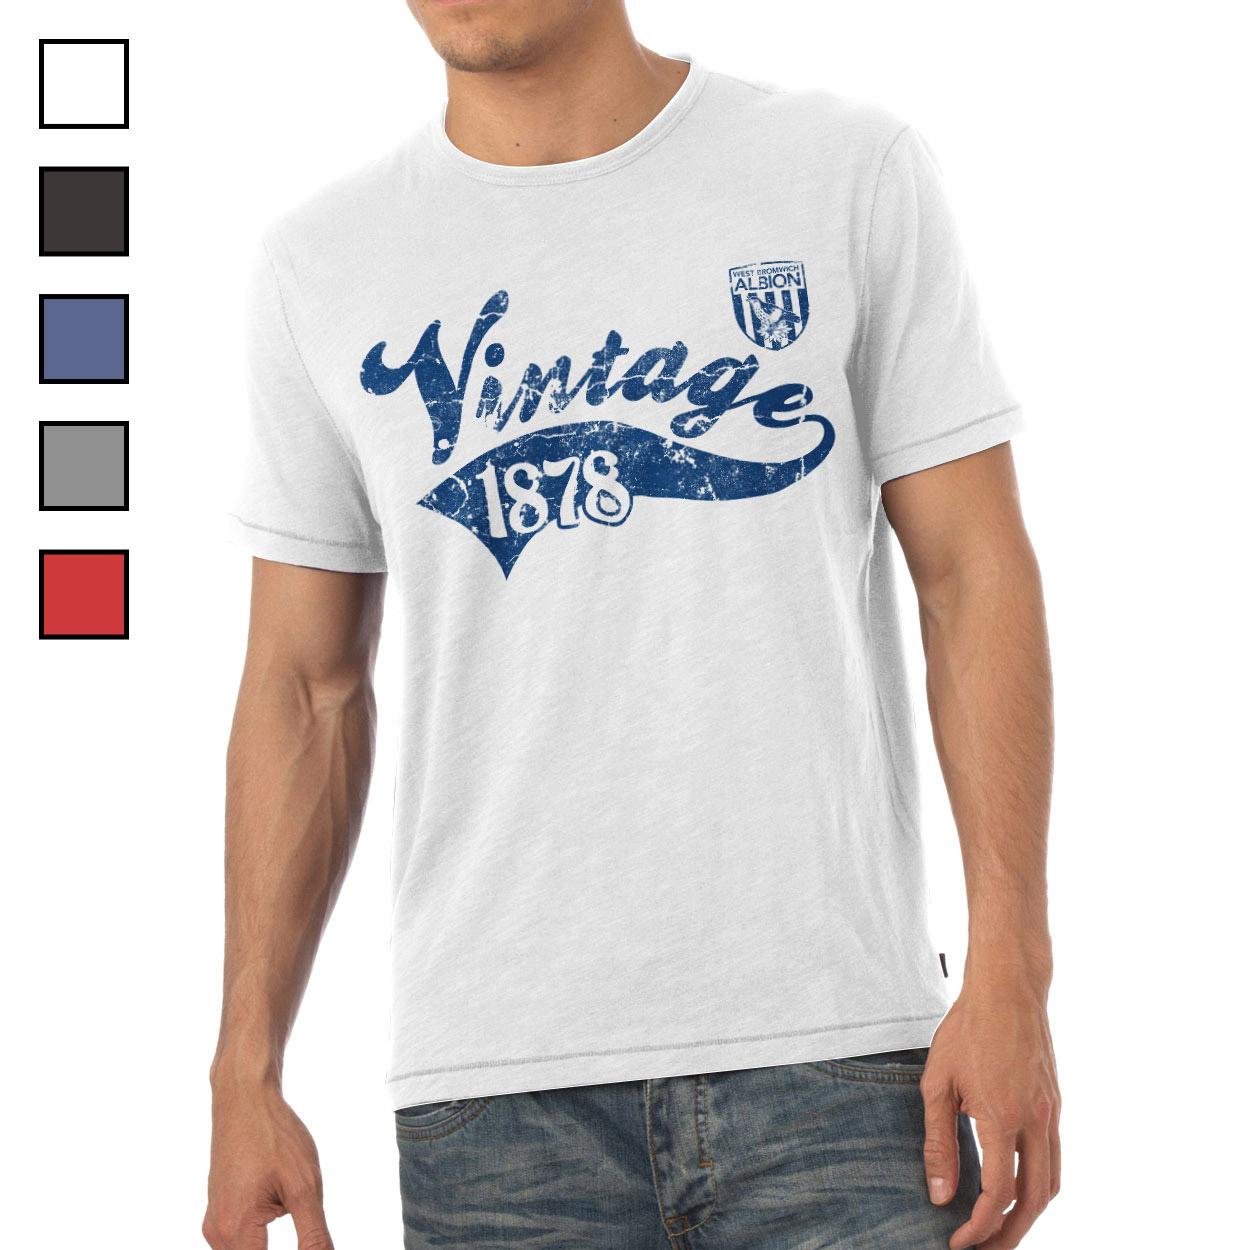 West Bromwich Albion FC Mens Vintage T-Shirt